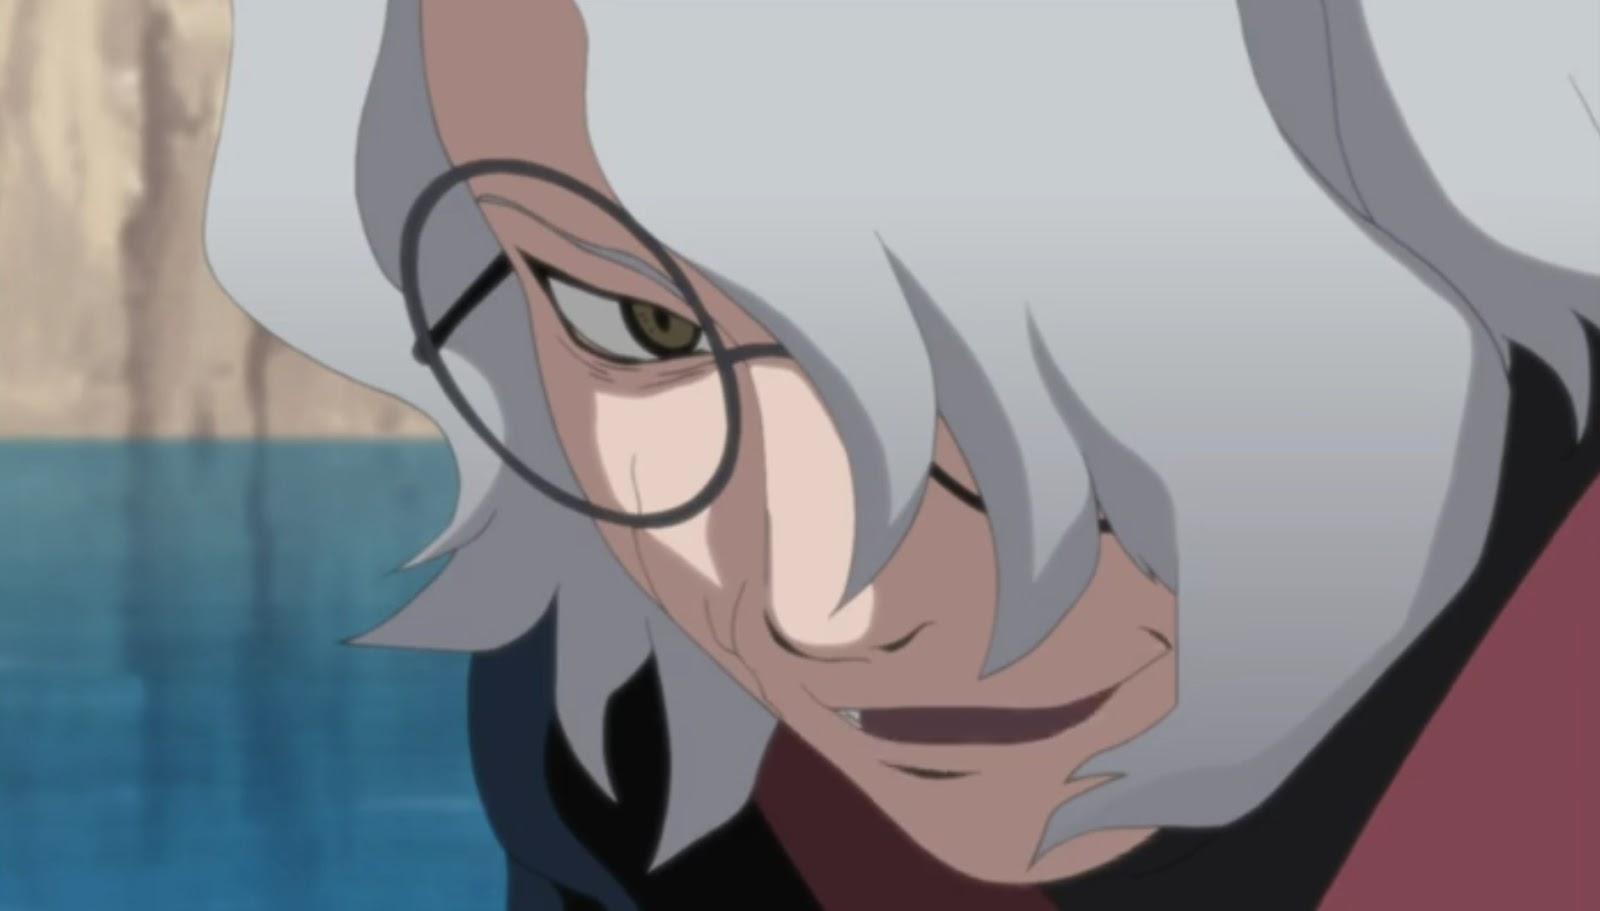 Naruto Shippuden Episódio 290, Assistir Naruto Shippuden Episódio 290, Assistir Naruto Shippuden Todos os Episódios Legendado, Naruto Shippuden episódio 290,HD